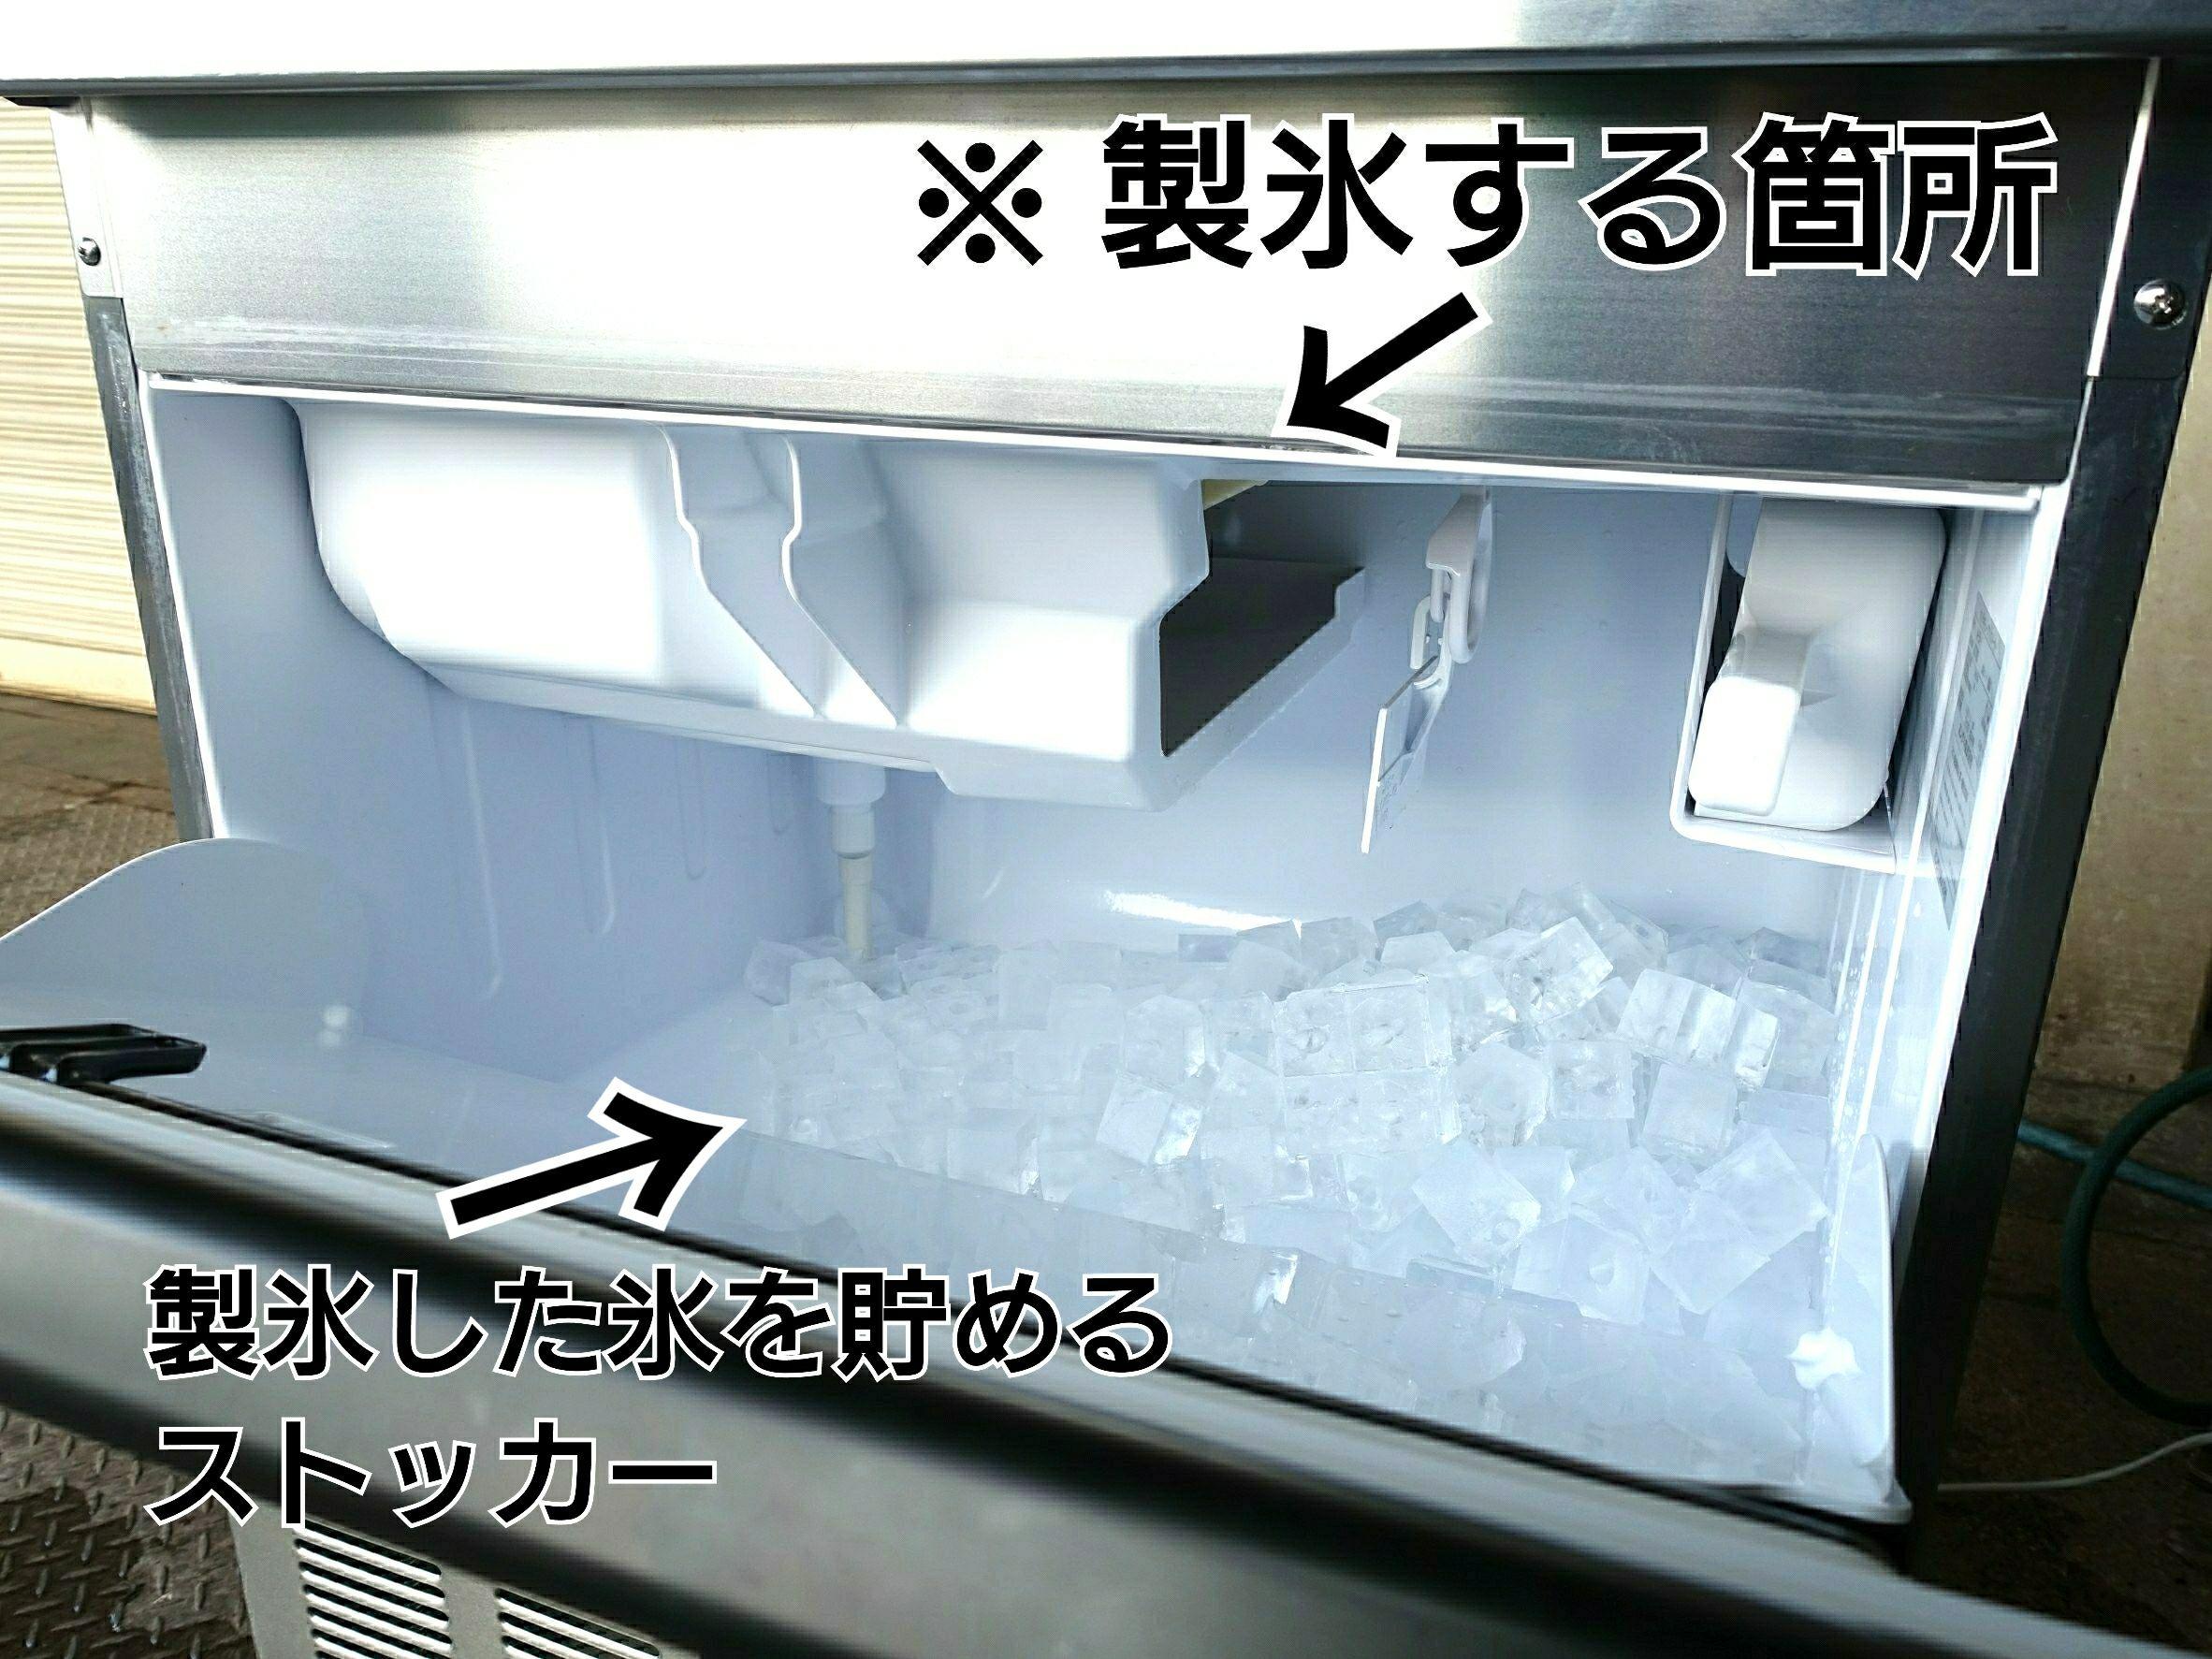 レンタル商品【製氷機】のご紹介